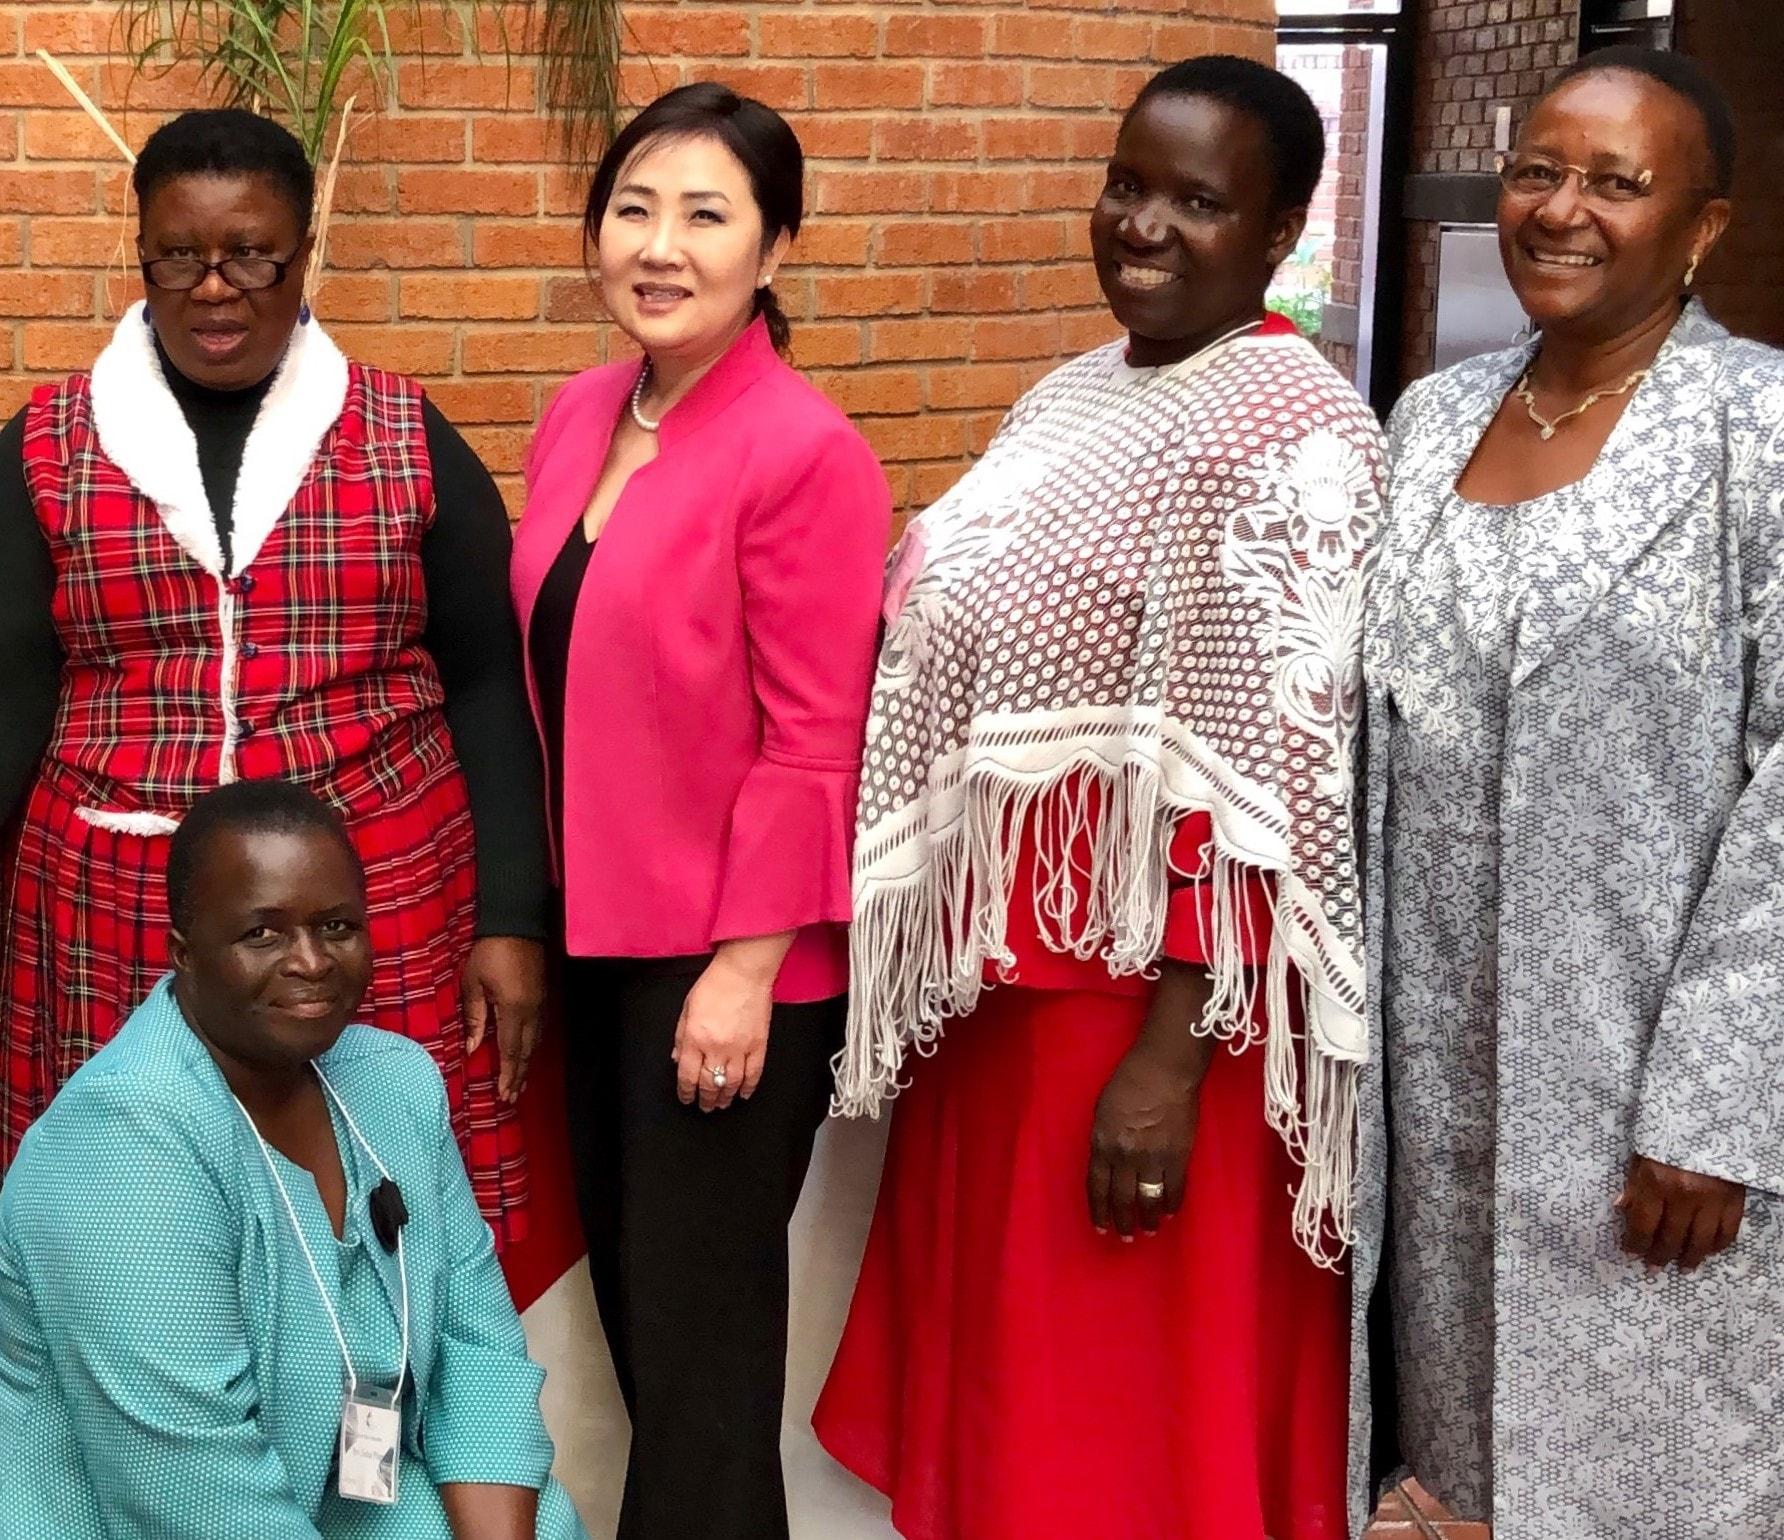 박희로 목사(뒷줄 왼쪽에서 두 번째)와 아프리카 대학교 관계자들. 앞줄 비유티 맨자니스 박사. 사진 제공, 박희로 목사(GBHEM)